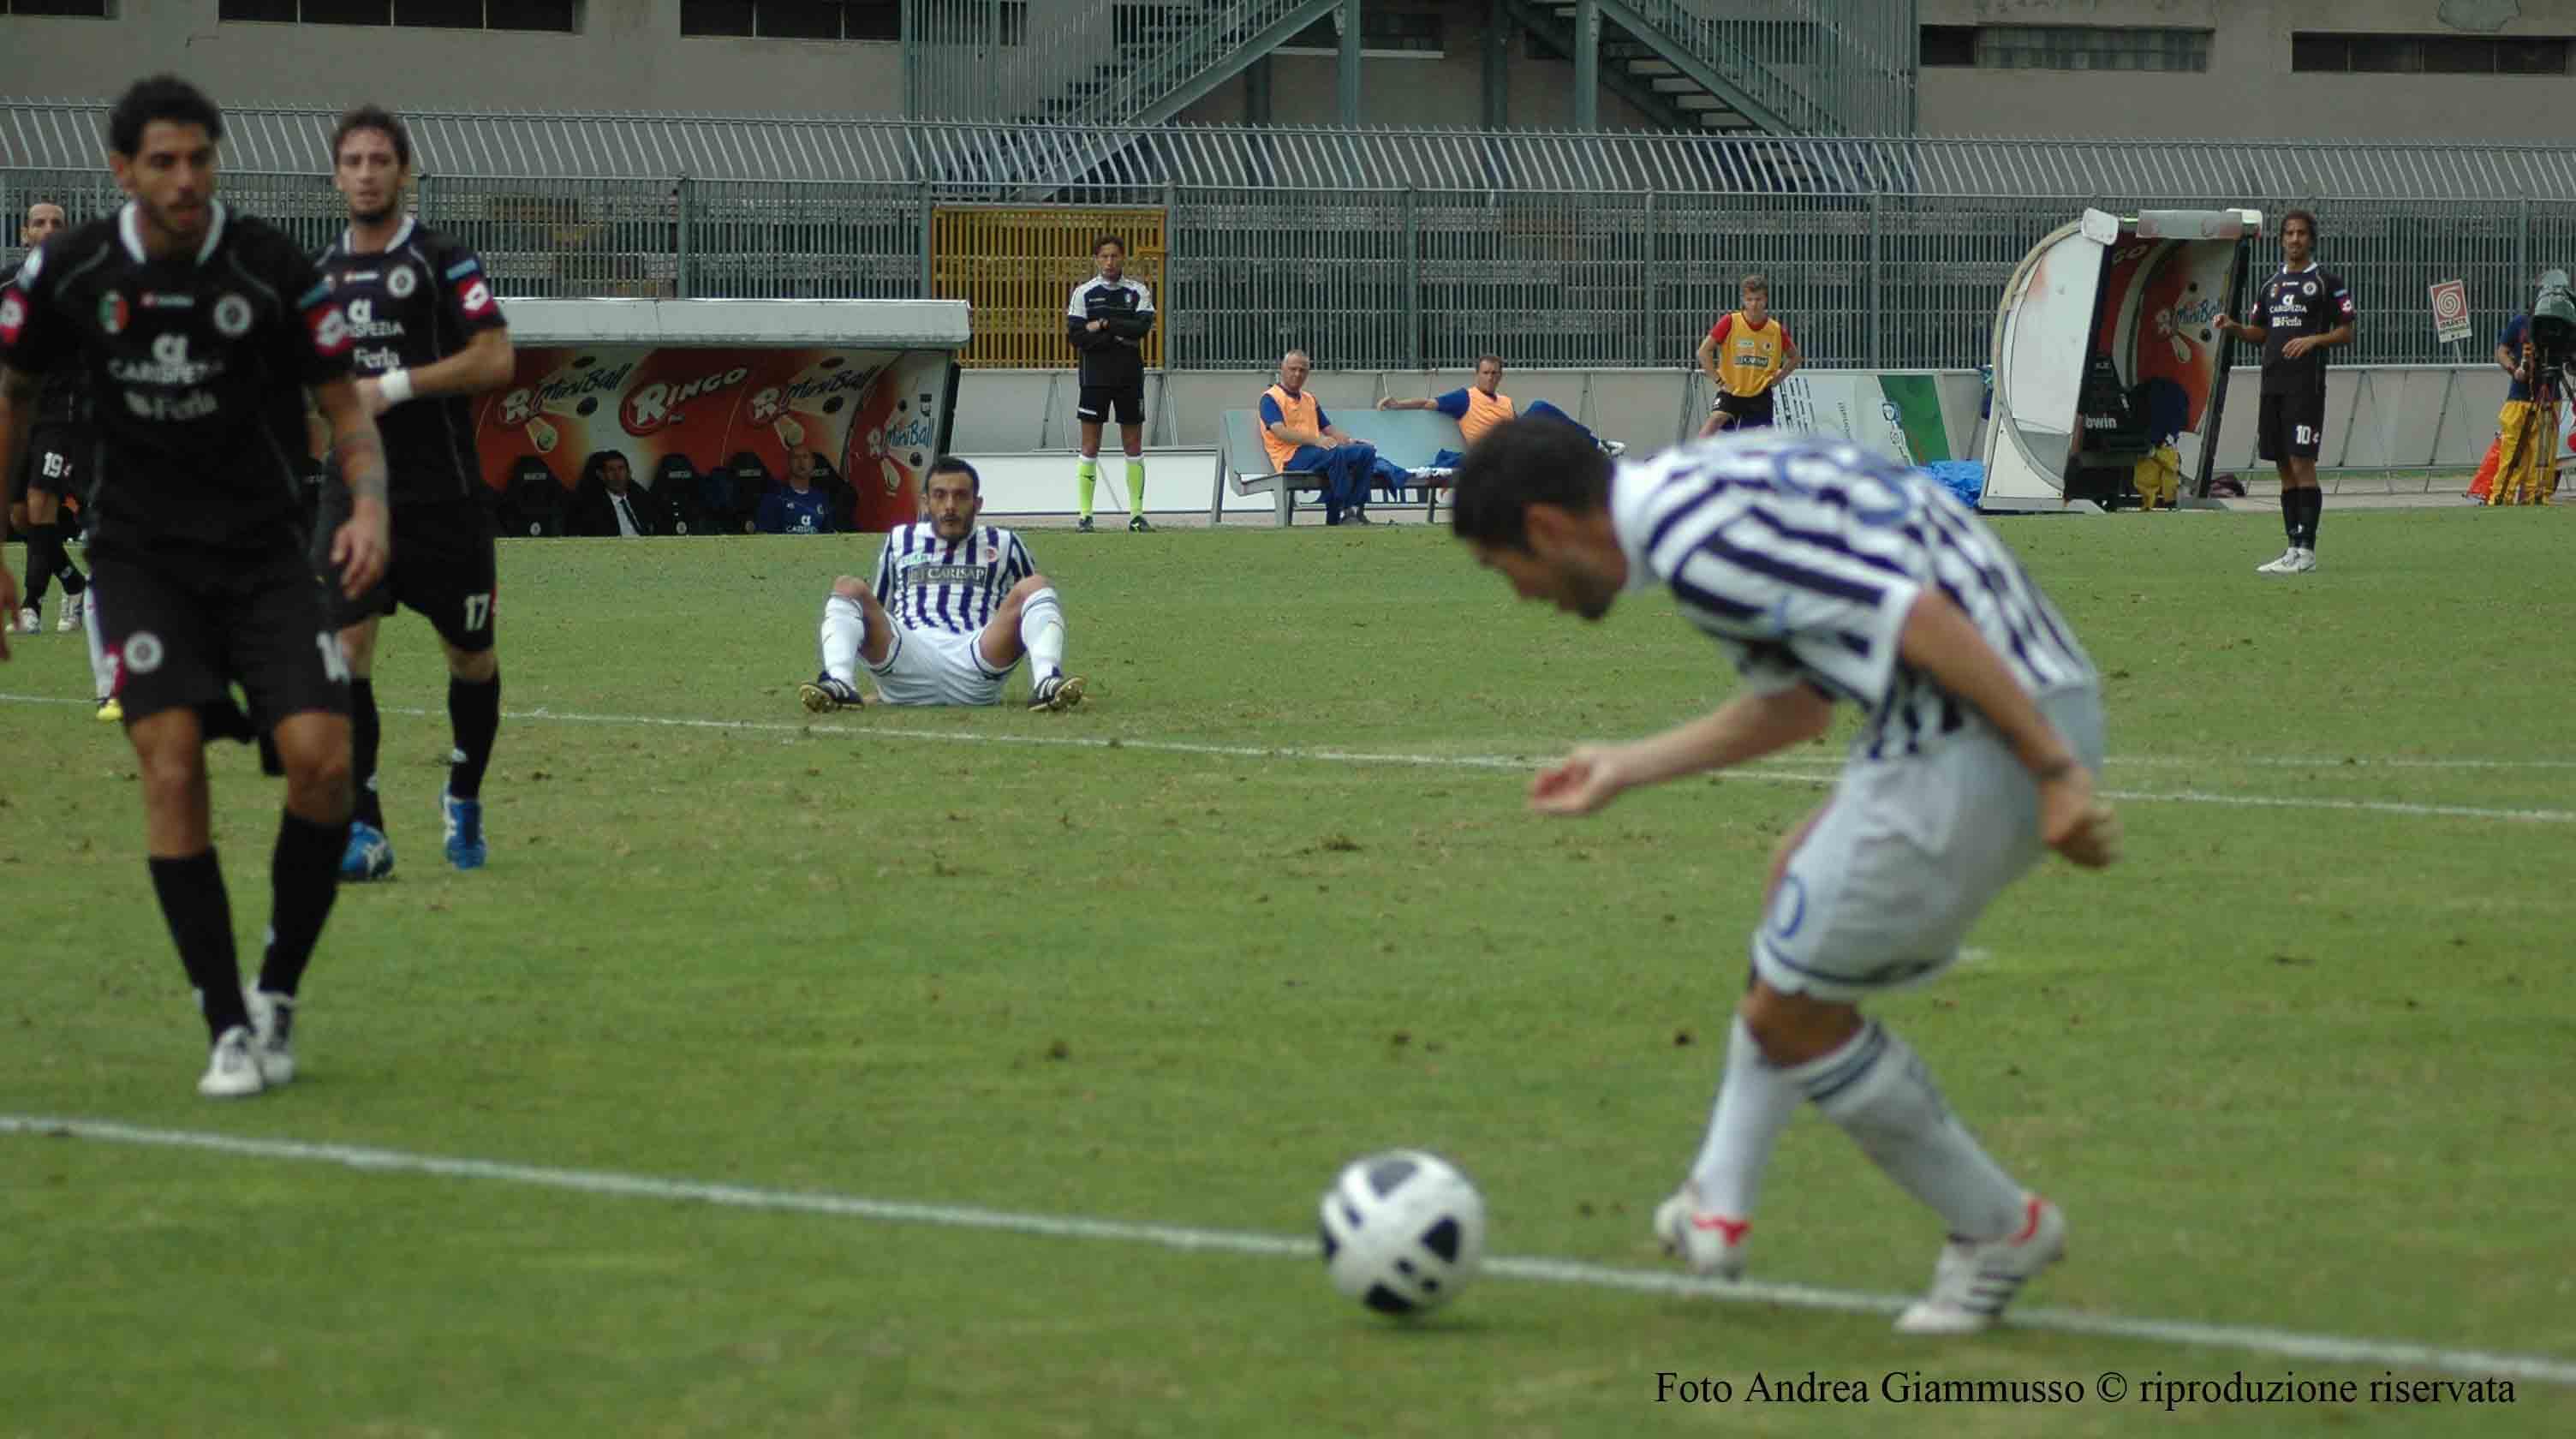 Ascoli-La Spezia, il gol di Feczesin